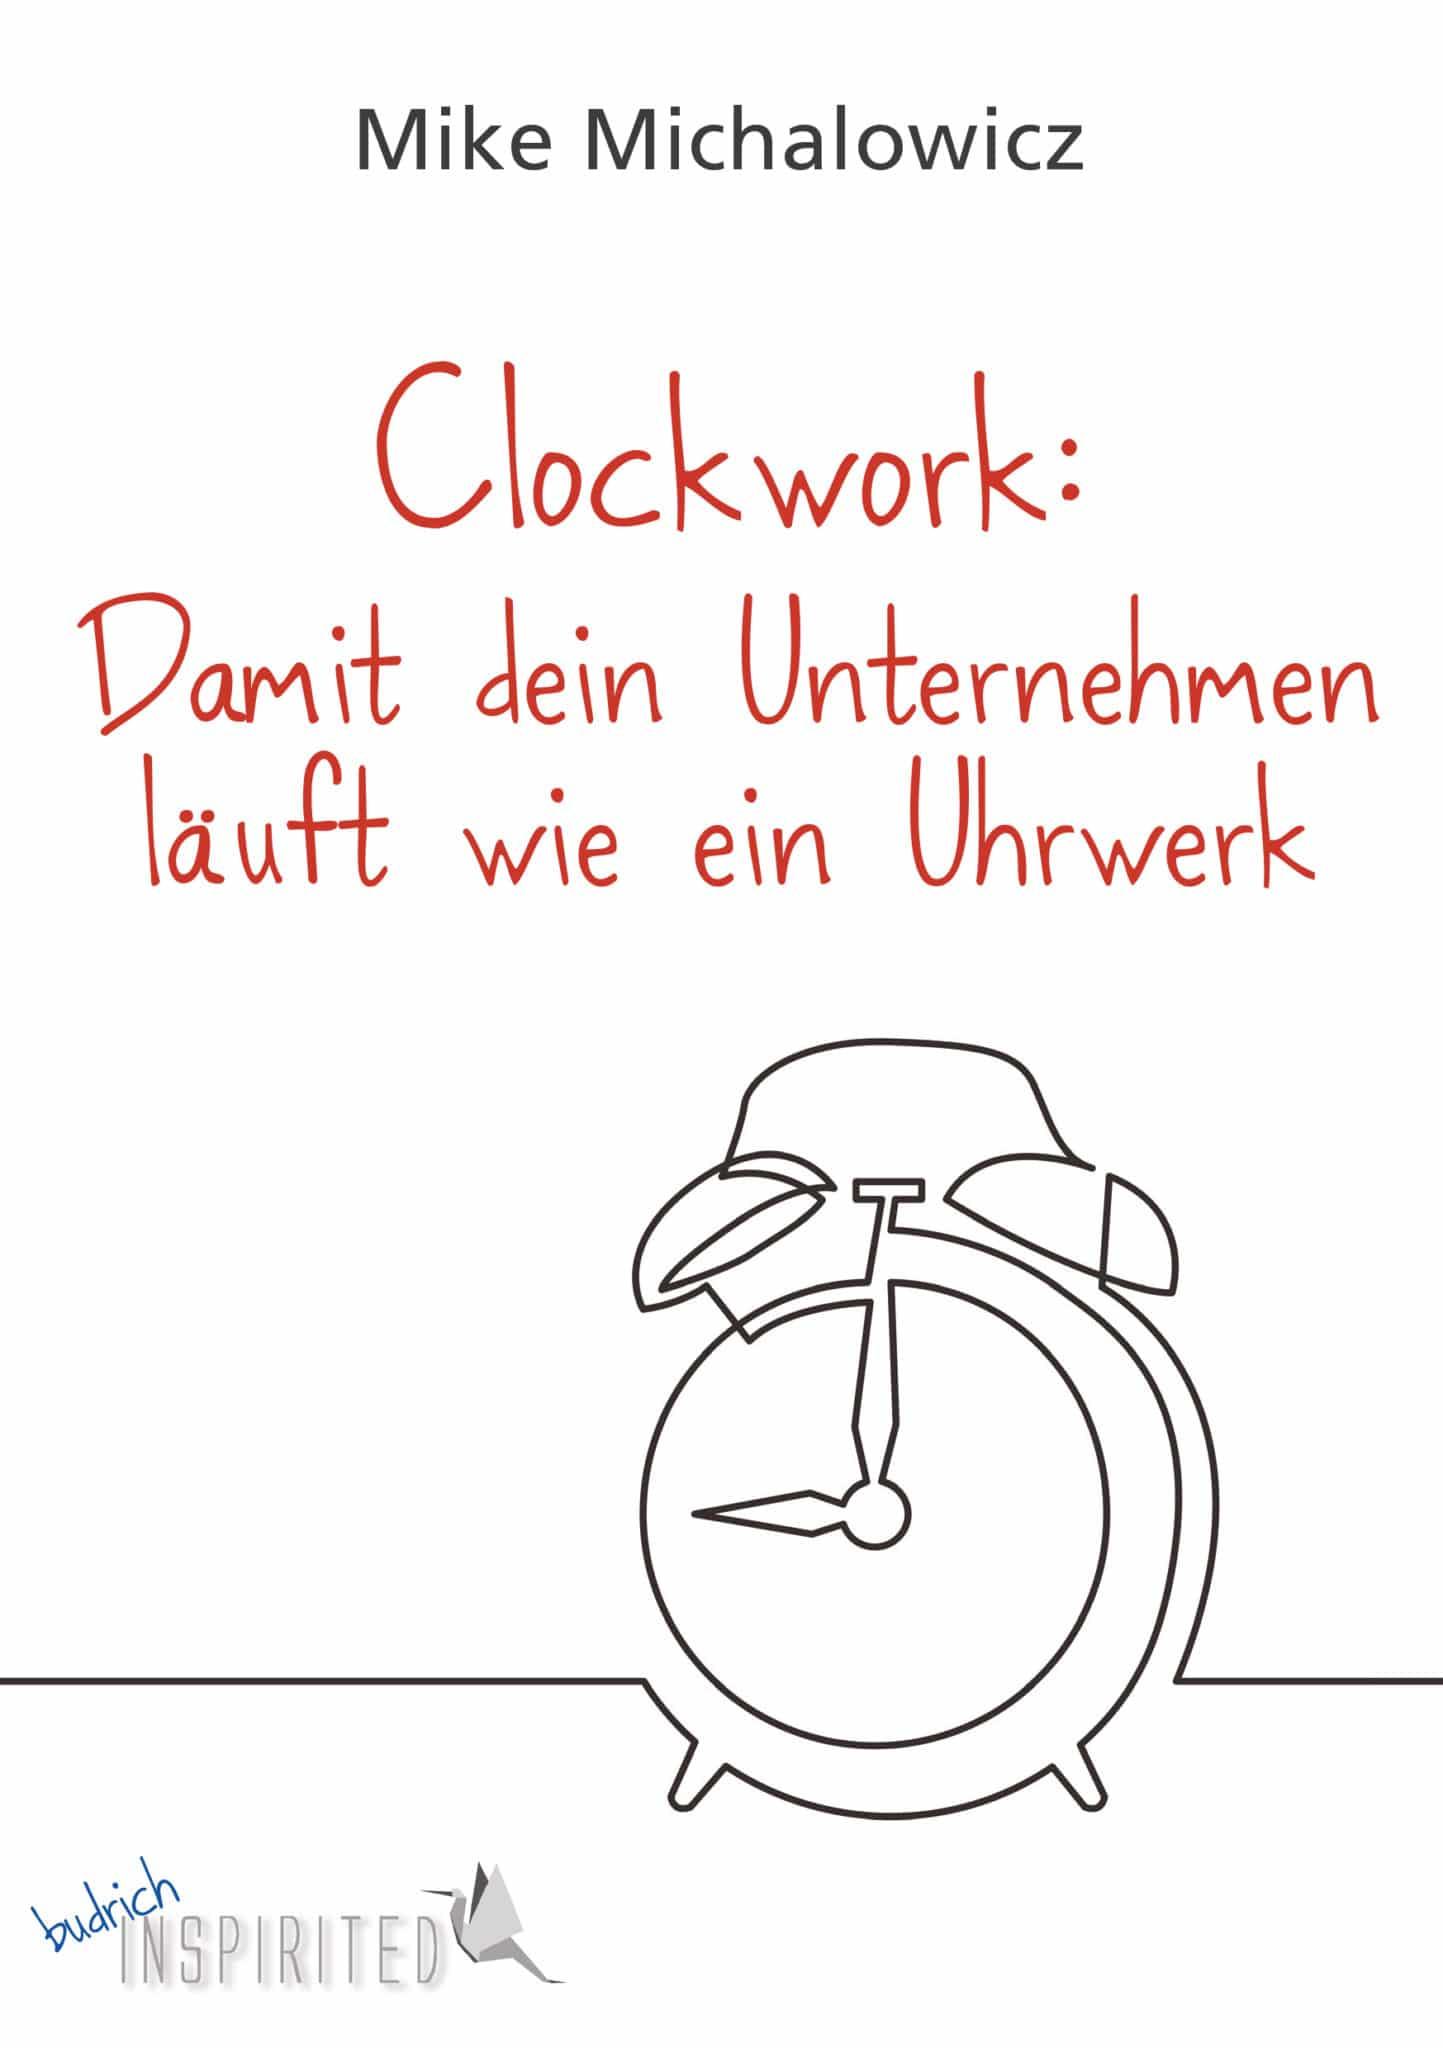 Mike Michalowicz, Clockwork: Damit dein Unternehmen läuft wie ein Uhrwerk